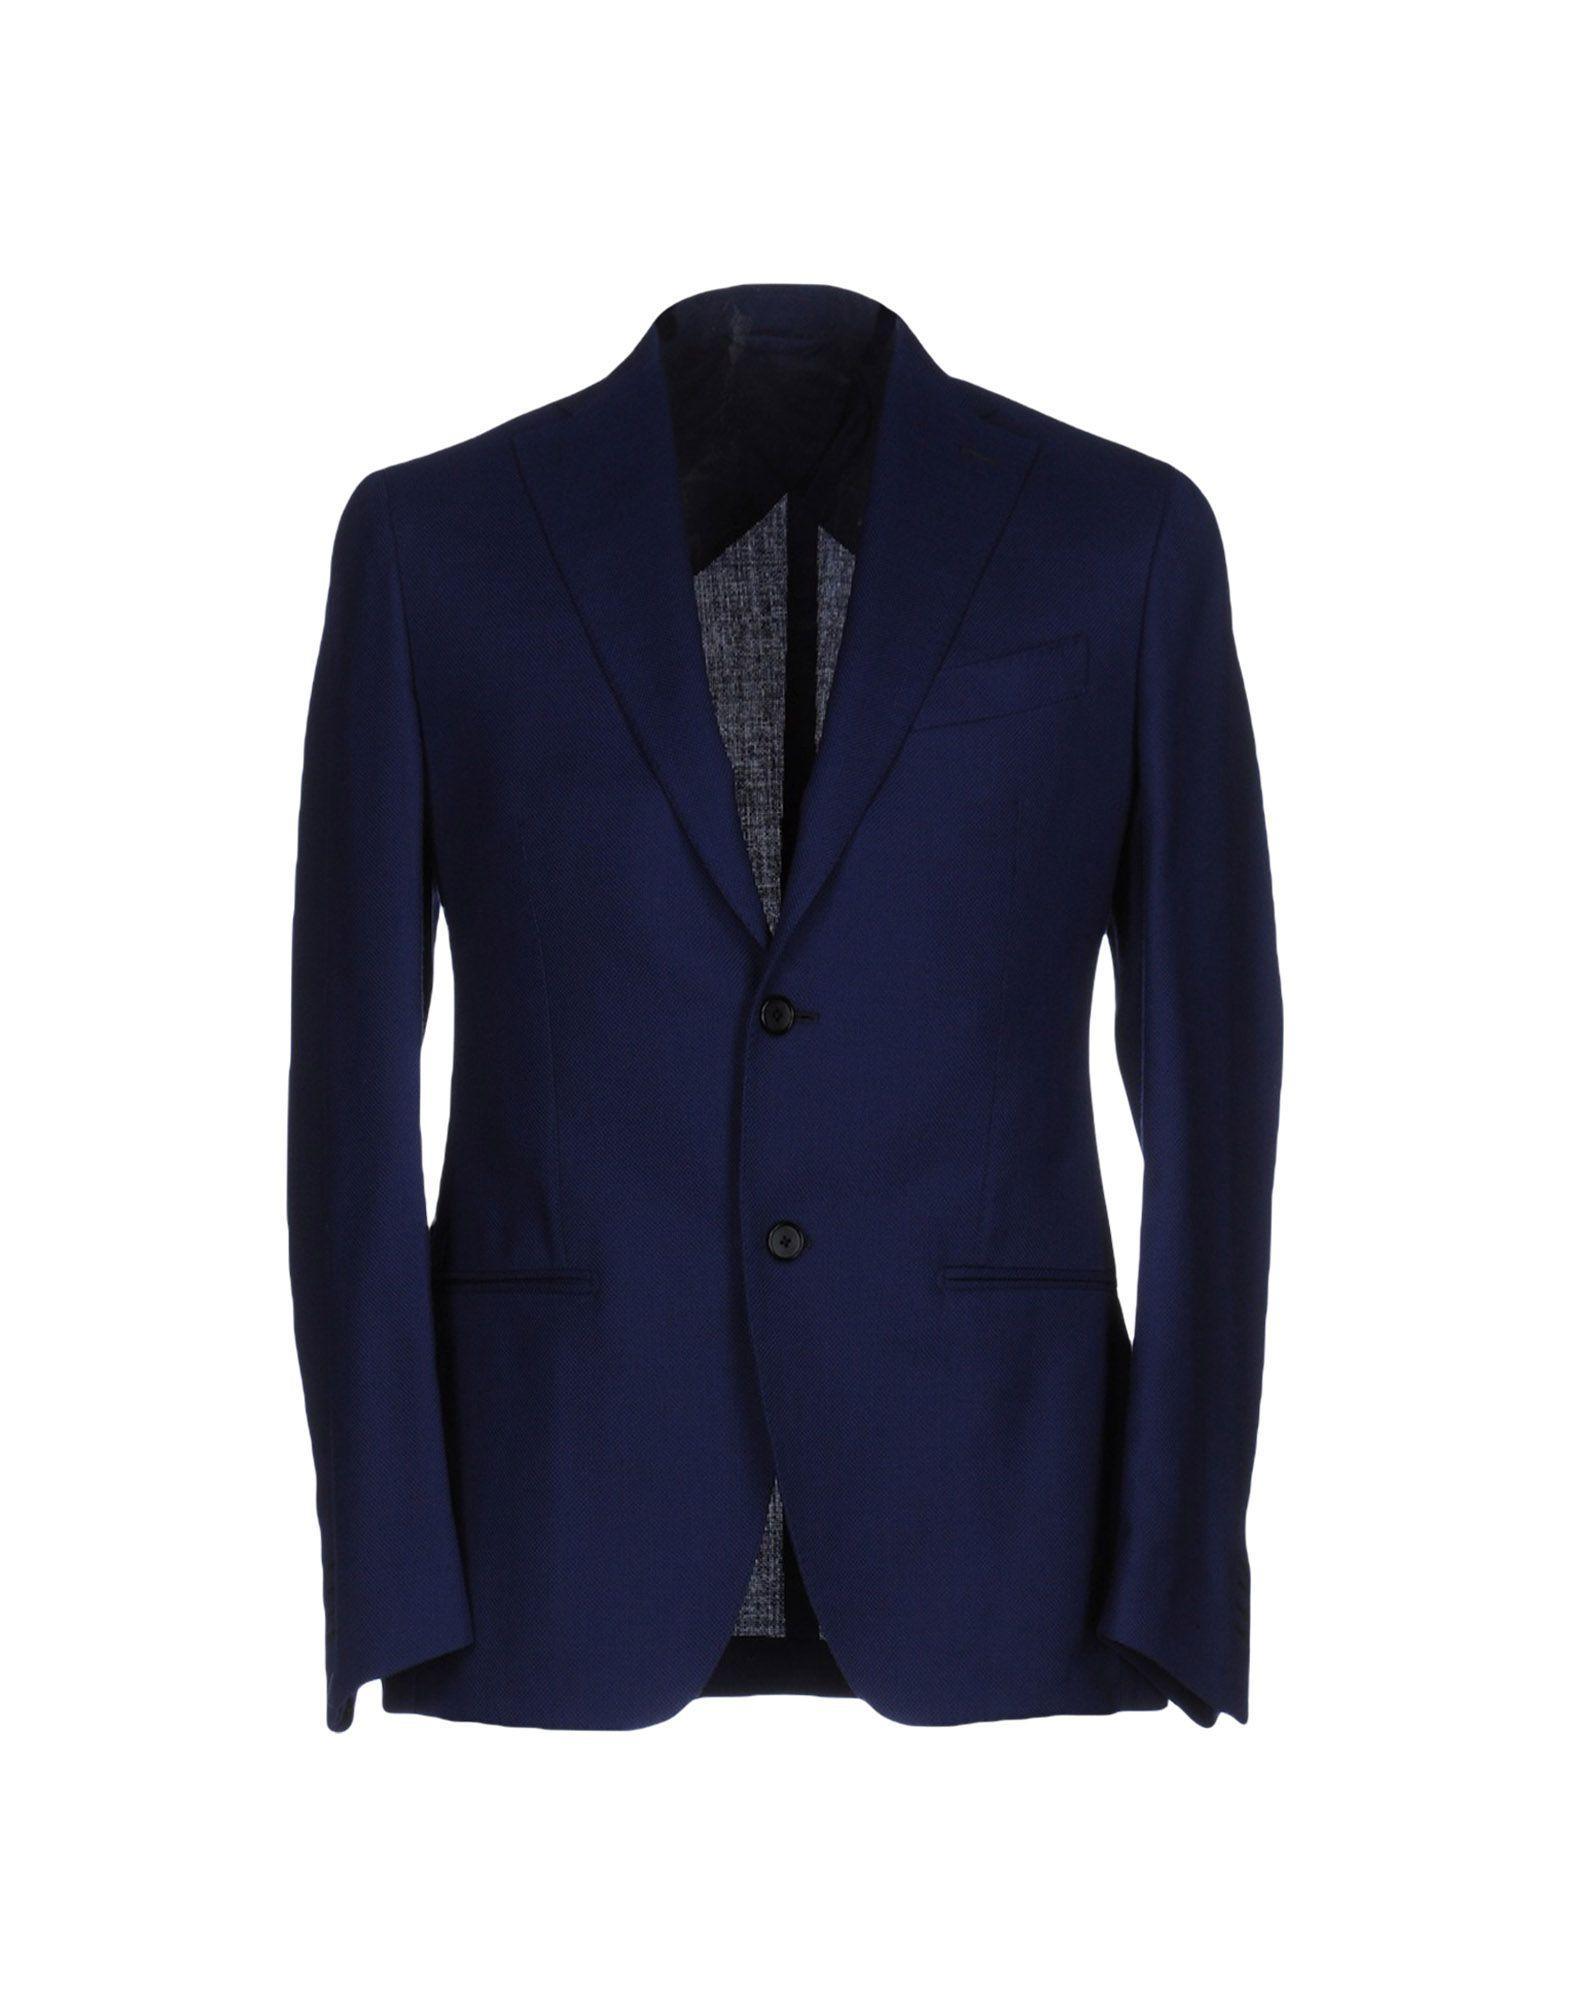 napoli single guys Gn giorgio napoli men's one button peak lapel adjustable pants tuxedo suit by gn giorgio napoli $9999 - $11995 $ 99 99-$ 119 95 prime  single  flat font .